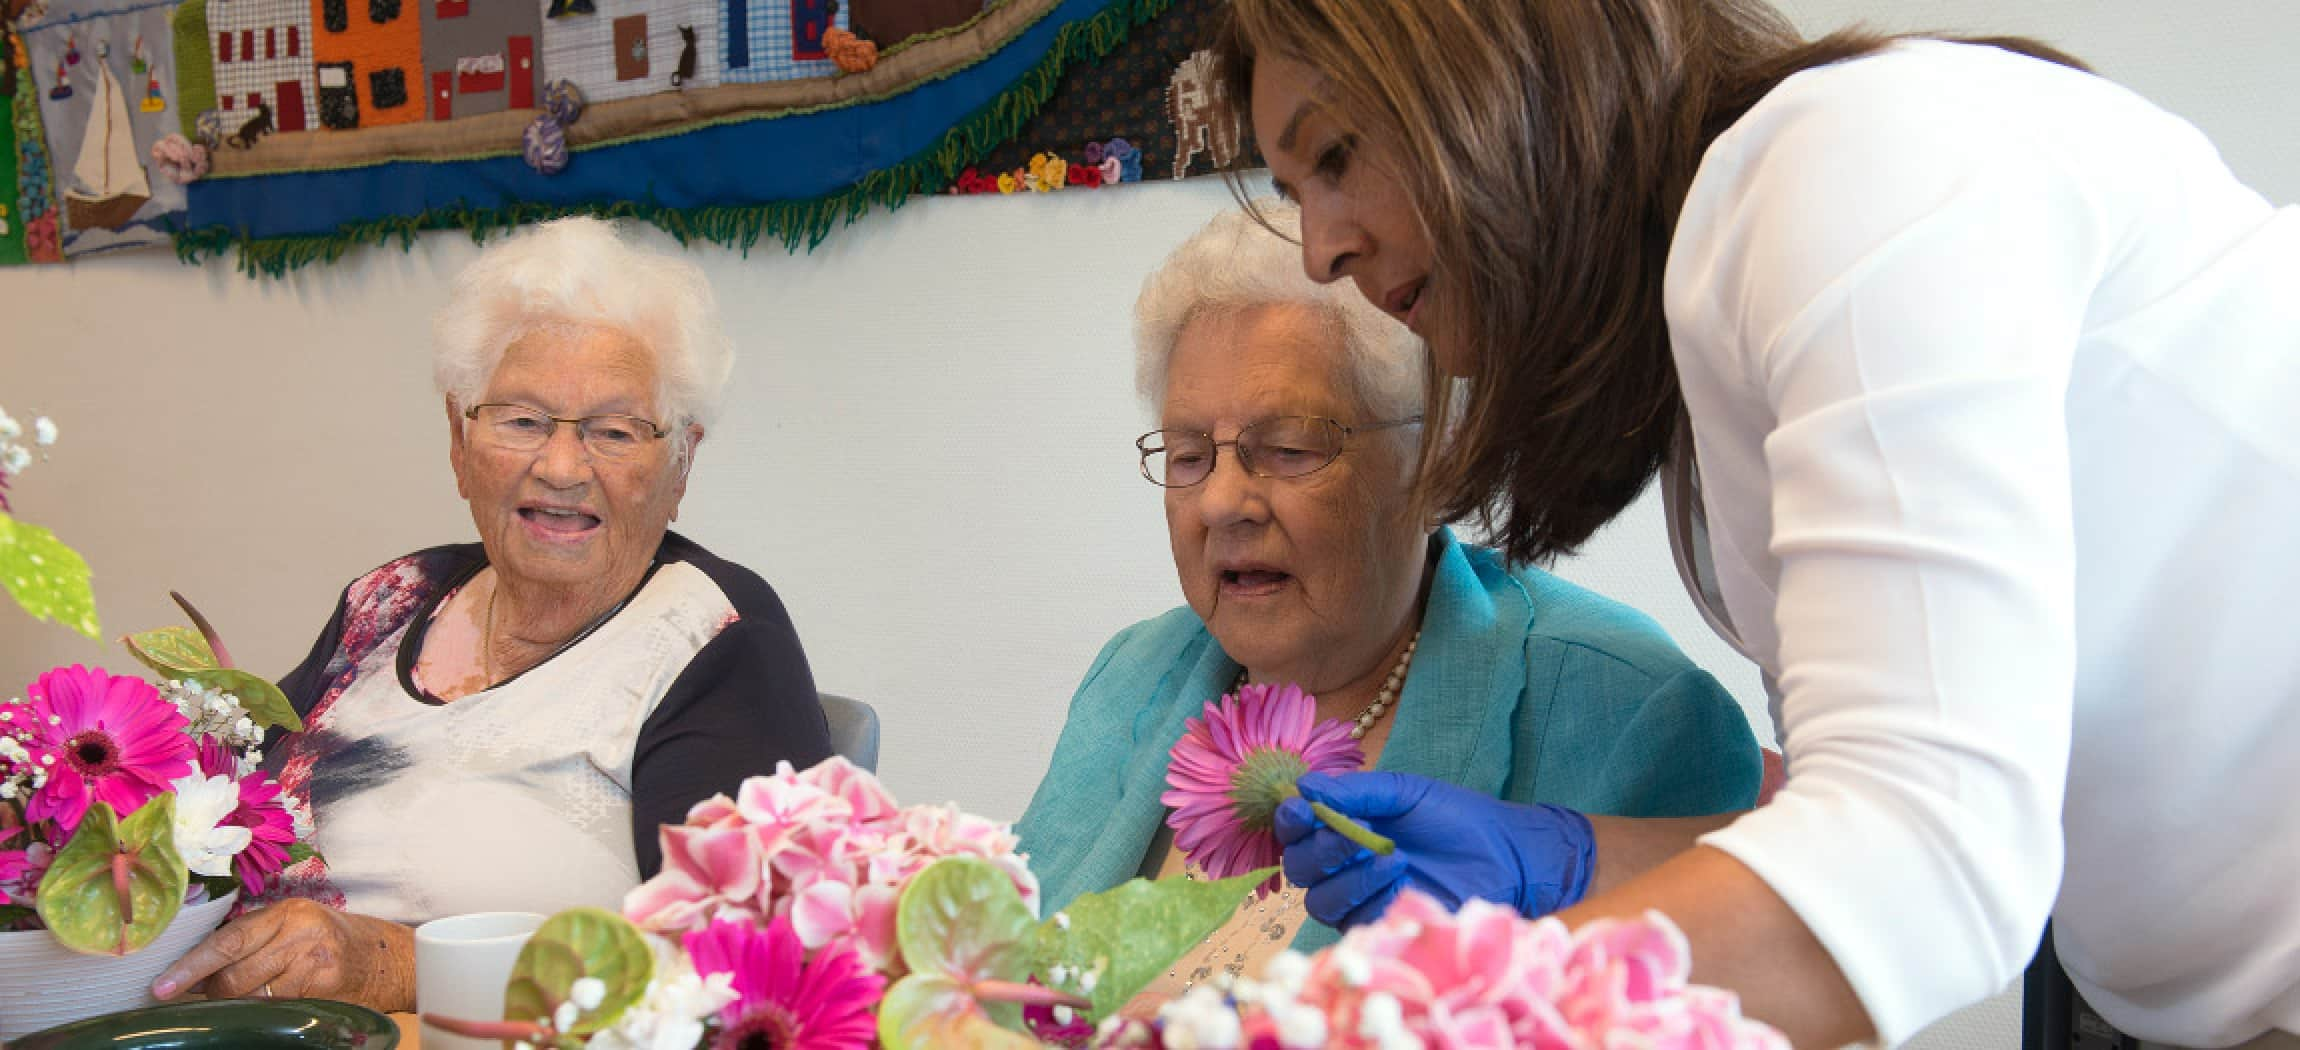 Twee vrouwen kijken naar bloemen op tafel bij bloemschikken